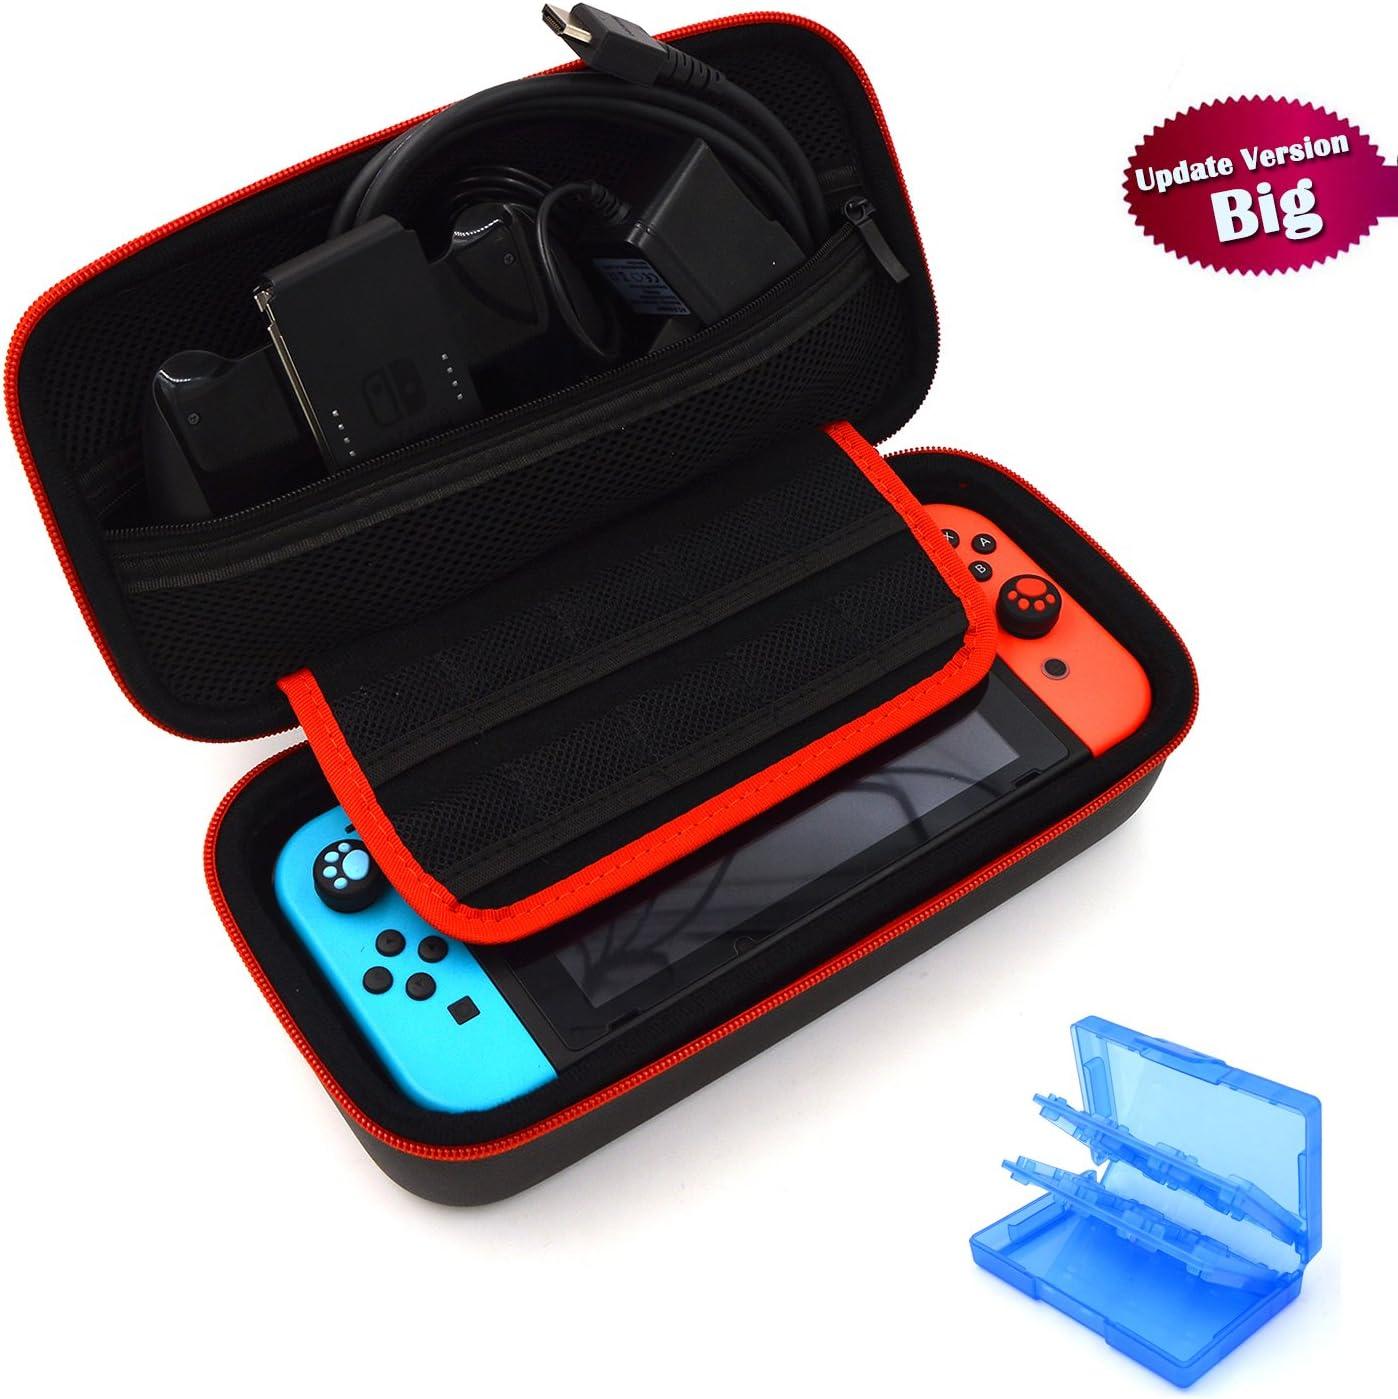 Nintendo Switch Funda - EOVOLA Dura Estuche Bolsa Carcasa de Transporte EVA para Switch Accesorios / Consola - Alta Capacidad Nintendo Switch Carcasa con 27 in 1 Estuche De Juegos: Amazon.es: Videojuegos